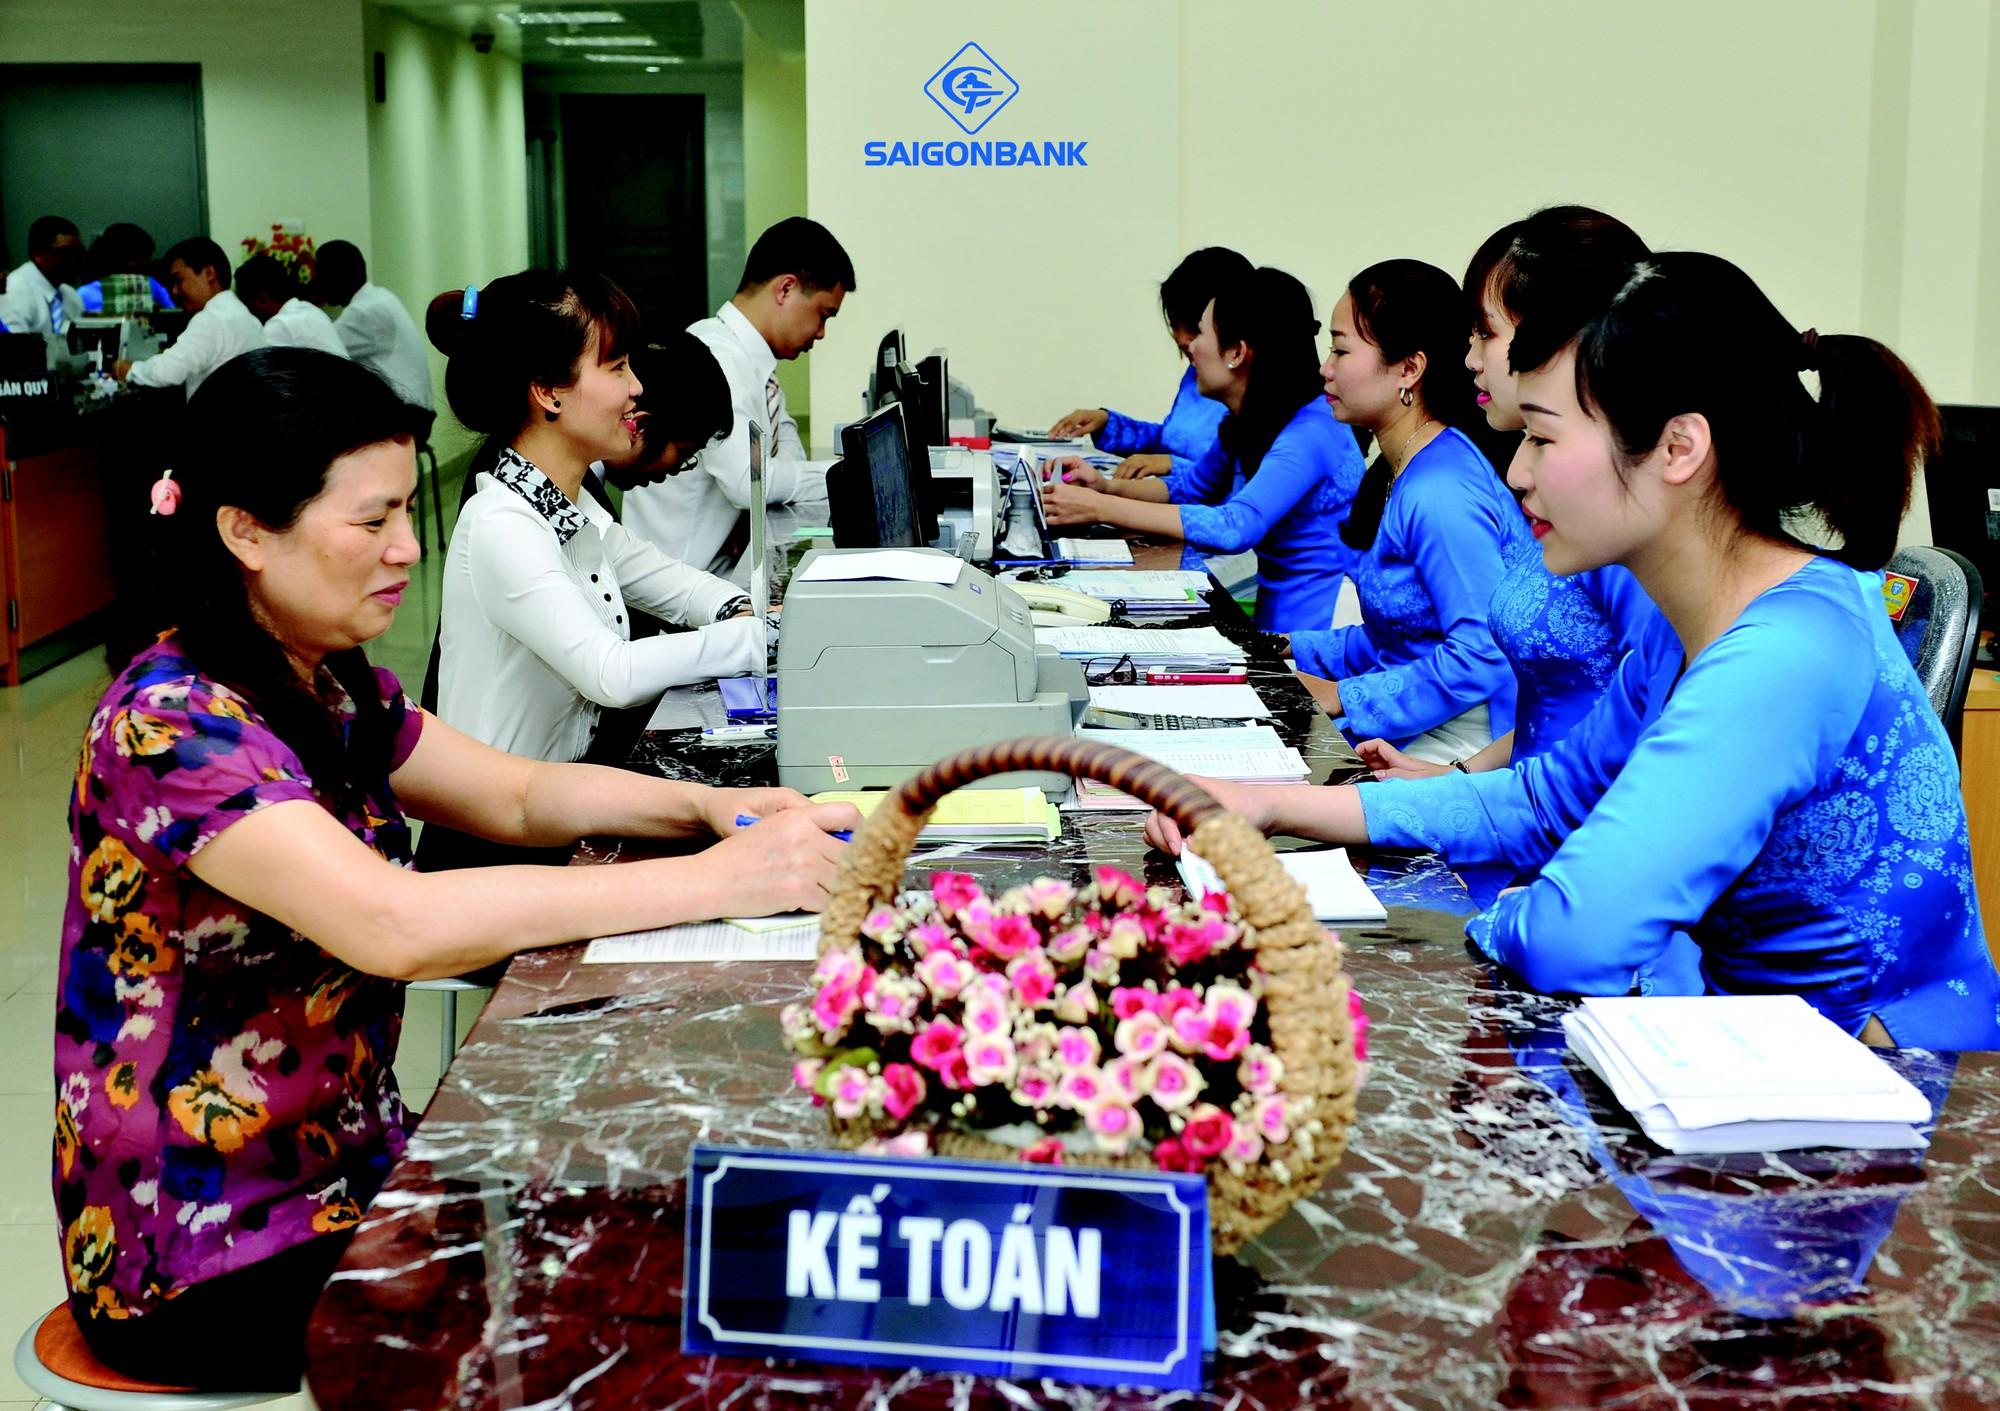 Lãi suất ngân hàng Saigonbank cập nhật tháng 4/2021 - Ảnh 1.